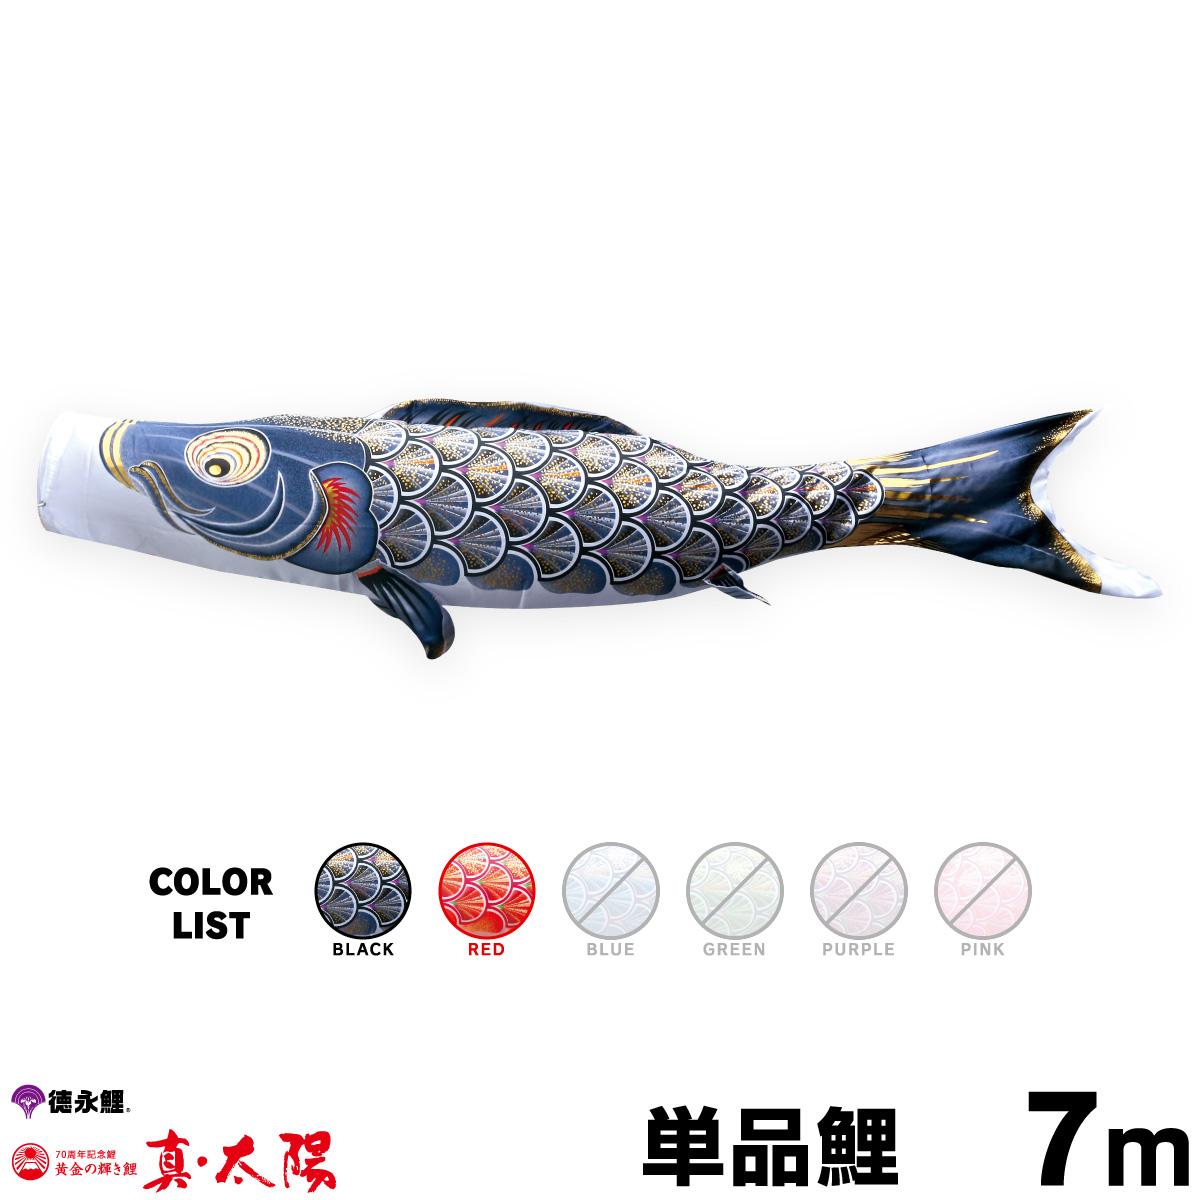 人気ブランドを こいのぼり 単品 7m 鯉のぼり 真・太陽鯉 赤 7m 単品鯉 黒 単品鯉 赤, レザークラフト一革:486aa222 --- beautyflurry.com